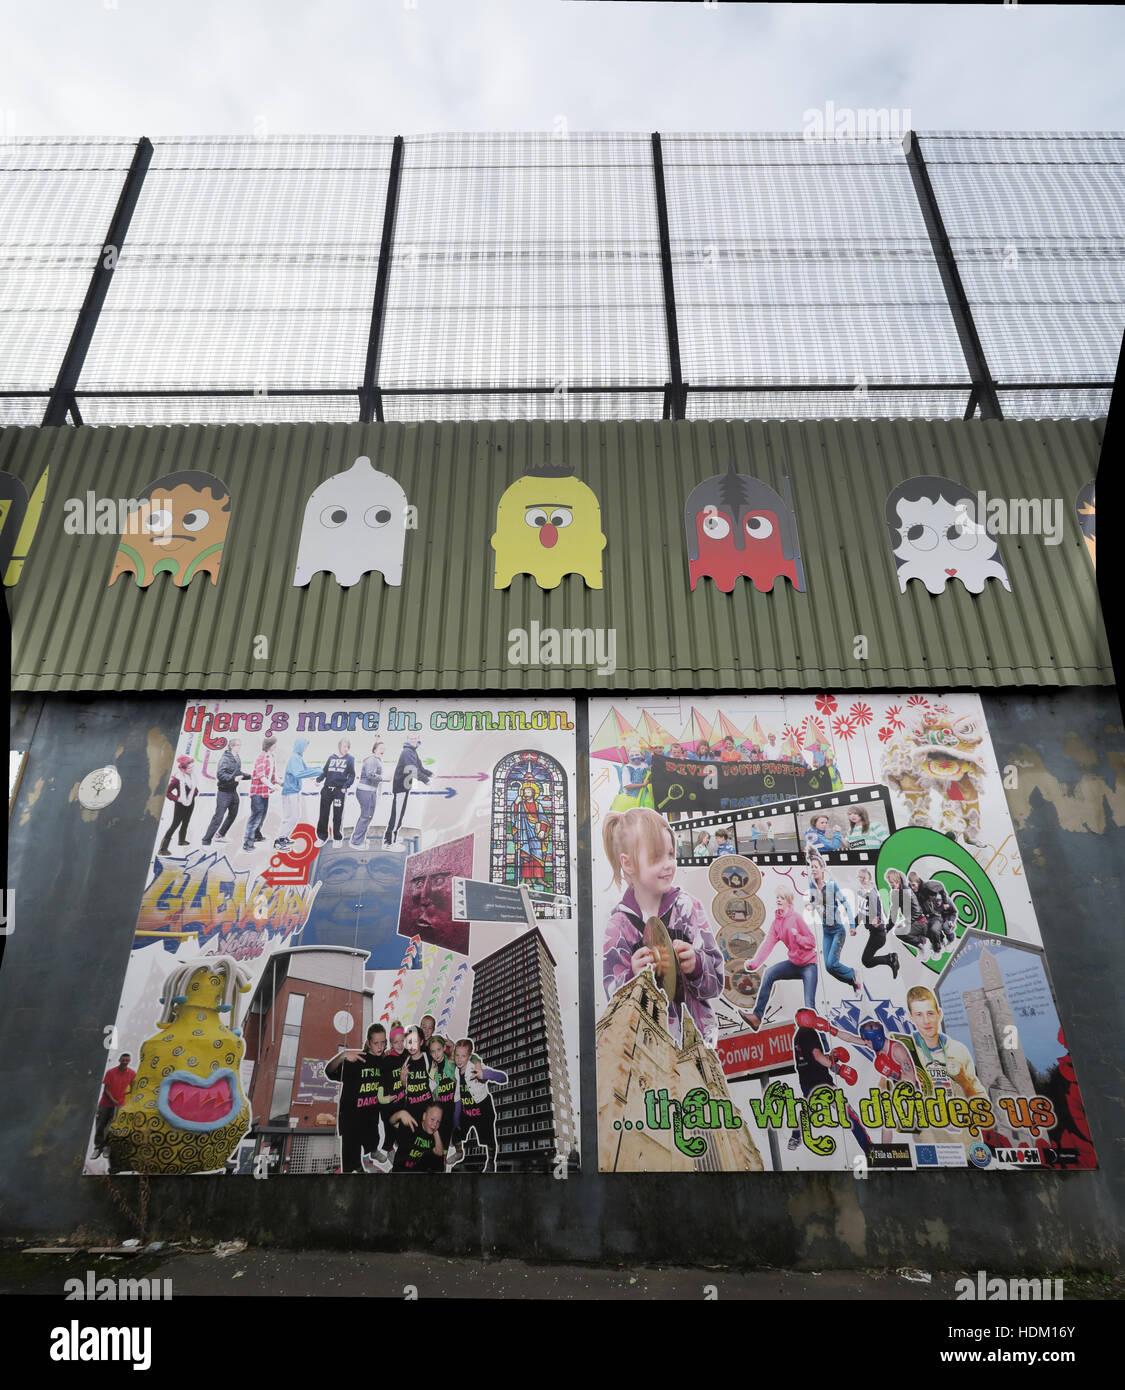 Laden Sie dieses Alamy Stockfoto Wir haben mehr gemeinsam... Belfast International Friedensmauer, Cupar Weg, West Belfast, NI, UK - HDM16Y